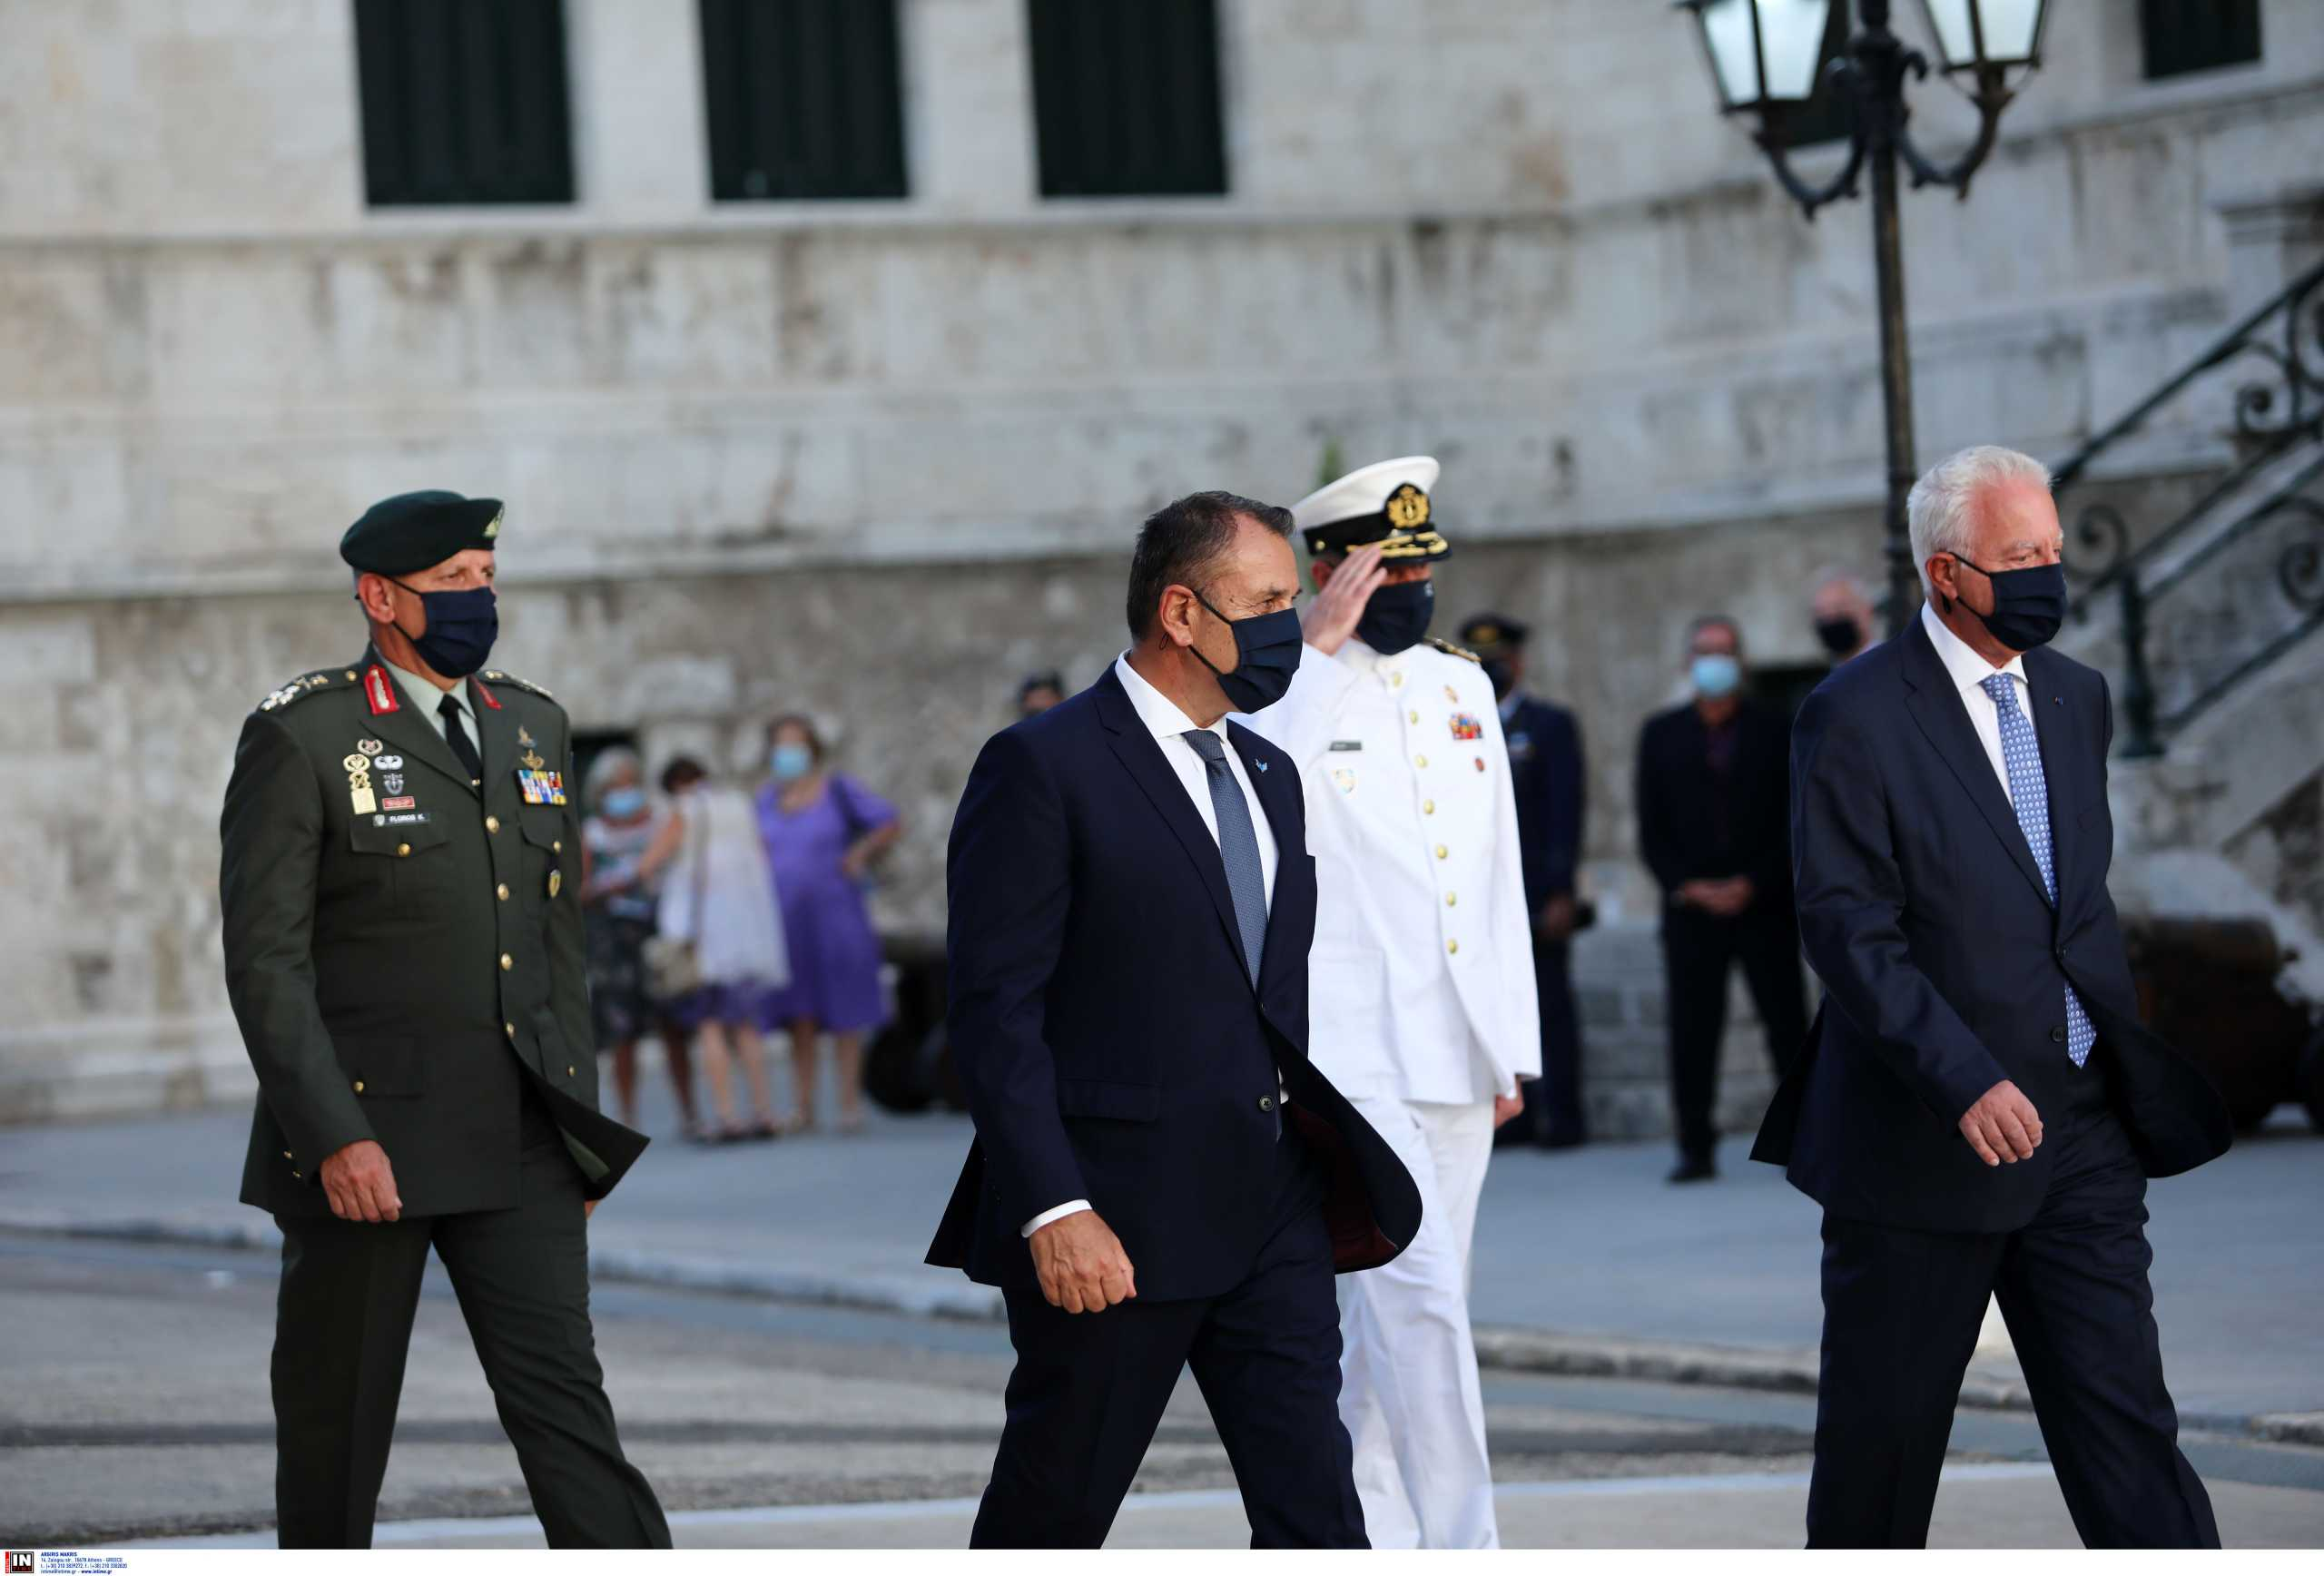 ΥΕΘΑ: Η Ανθεκτικότητα, η τεχνολογία και οι Ένοπλες Δυνάμεις είναι το μέλλον του NATO